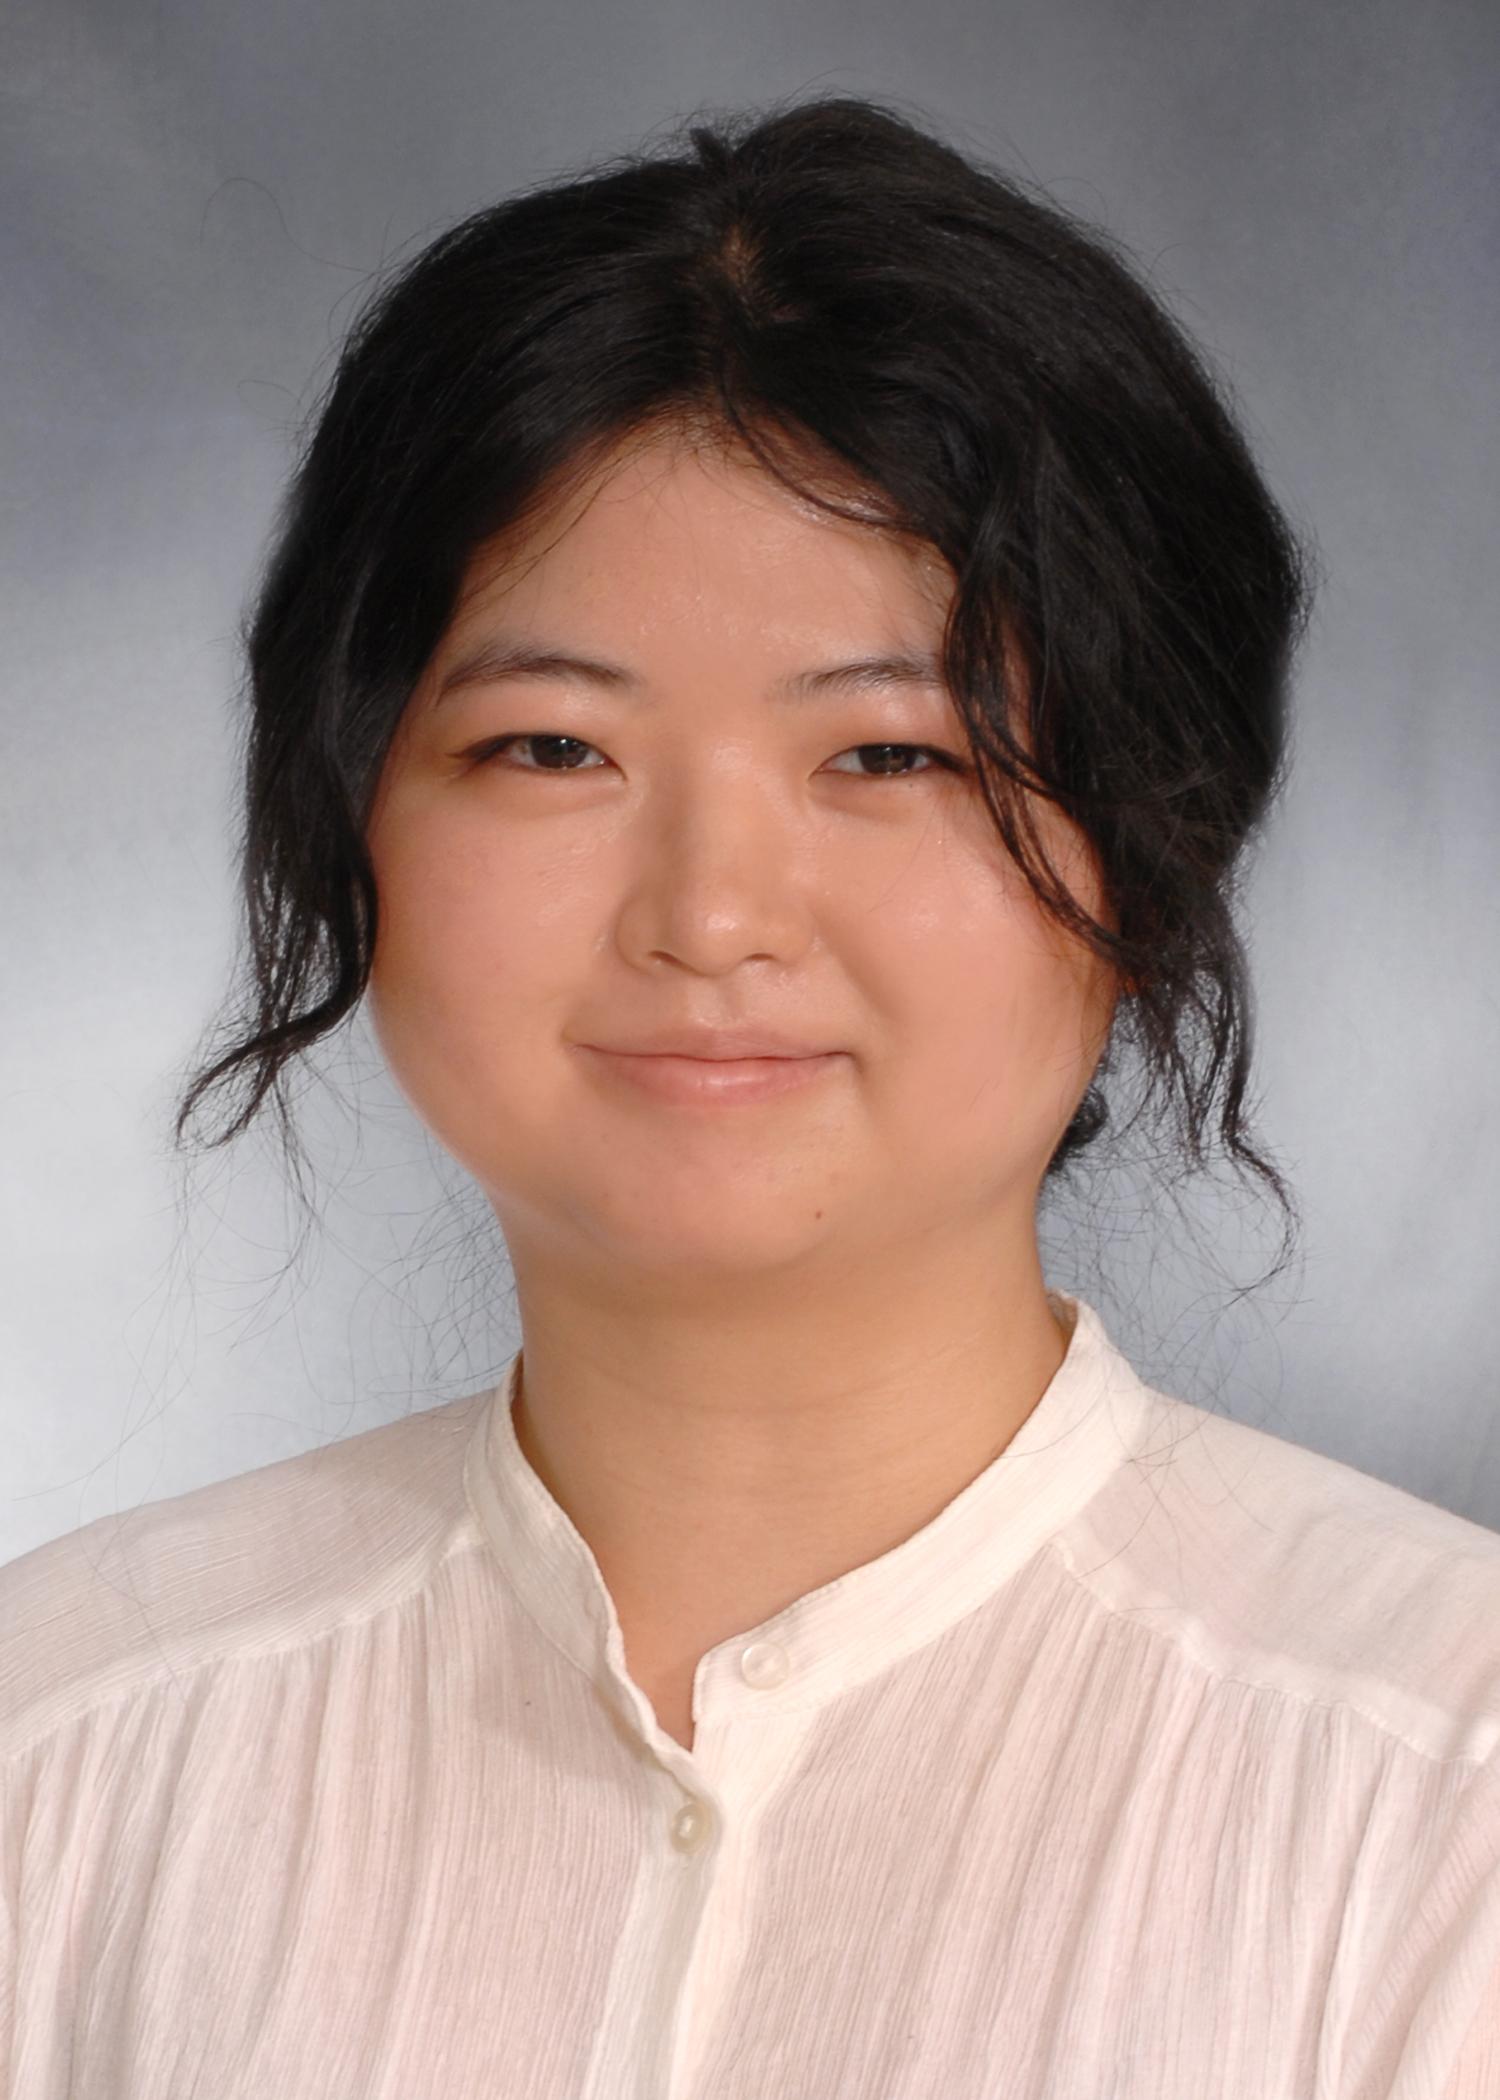 Liu Amelia